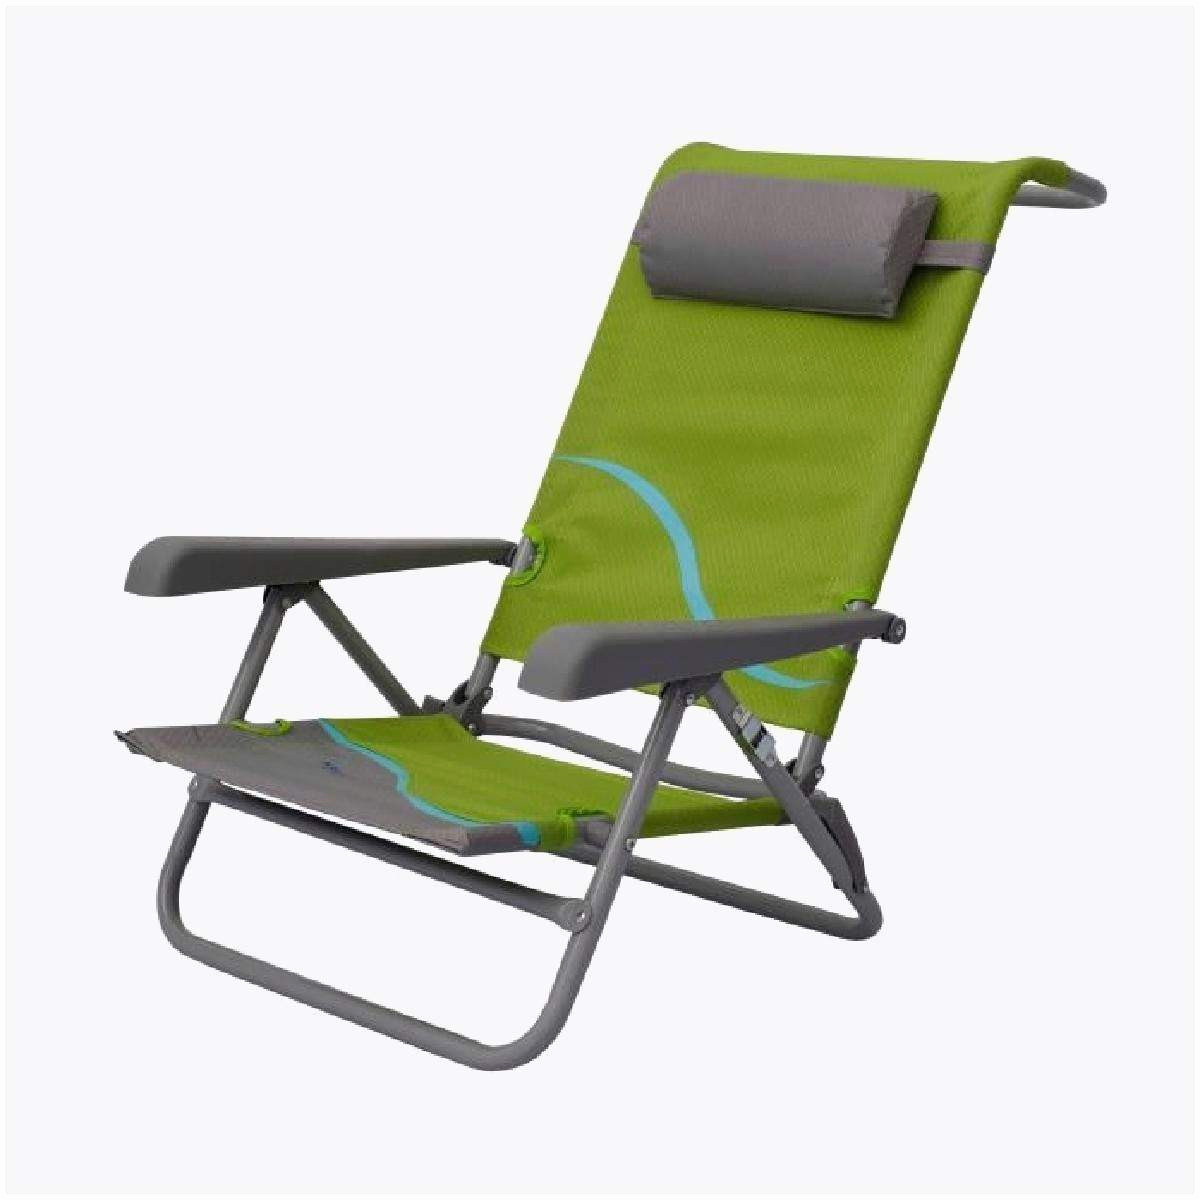 fauteille de jardin luxe fauteuil de jardin bois genial lesmeubles fauteuil jardin bois of fauteille de jardin